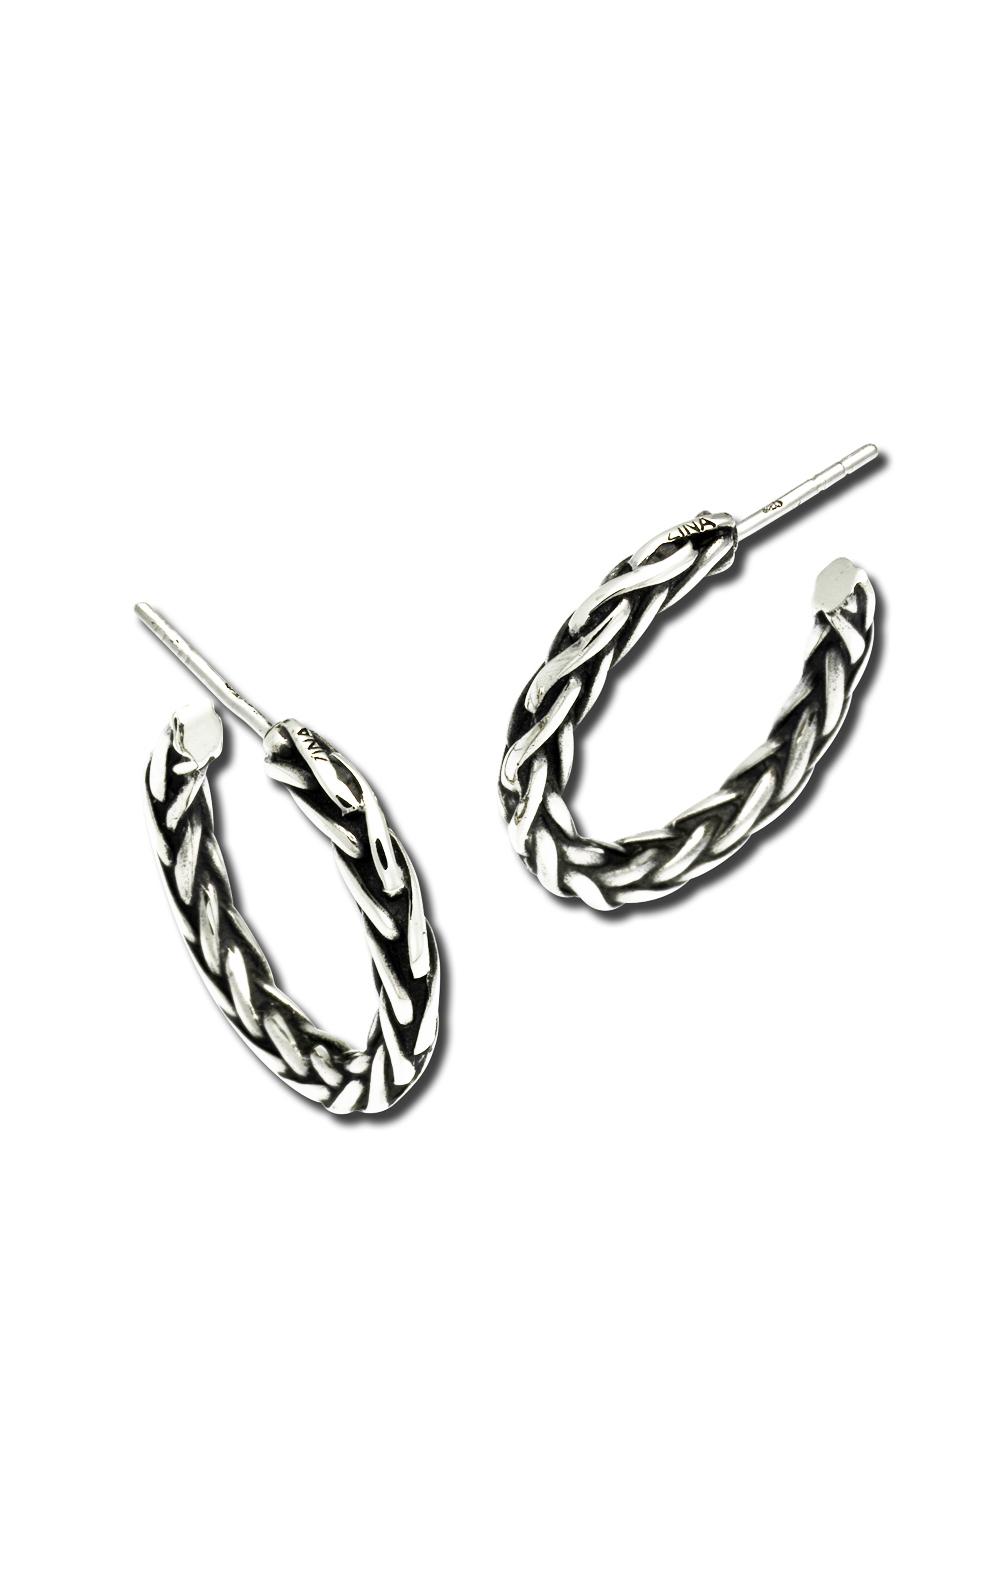 Zina Swirl Earrings B669S product image